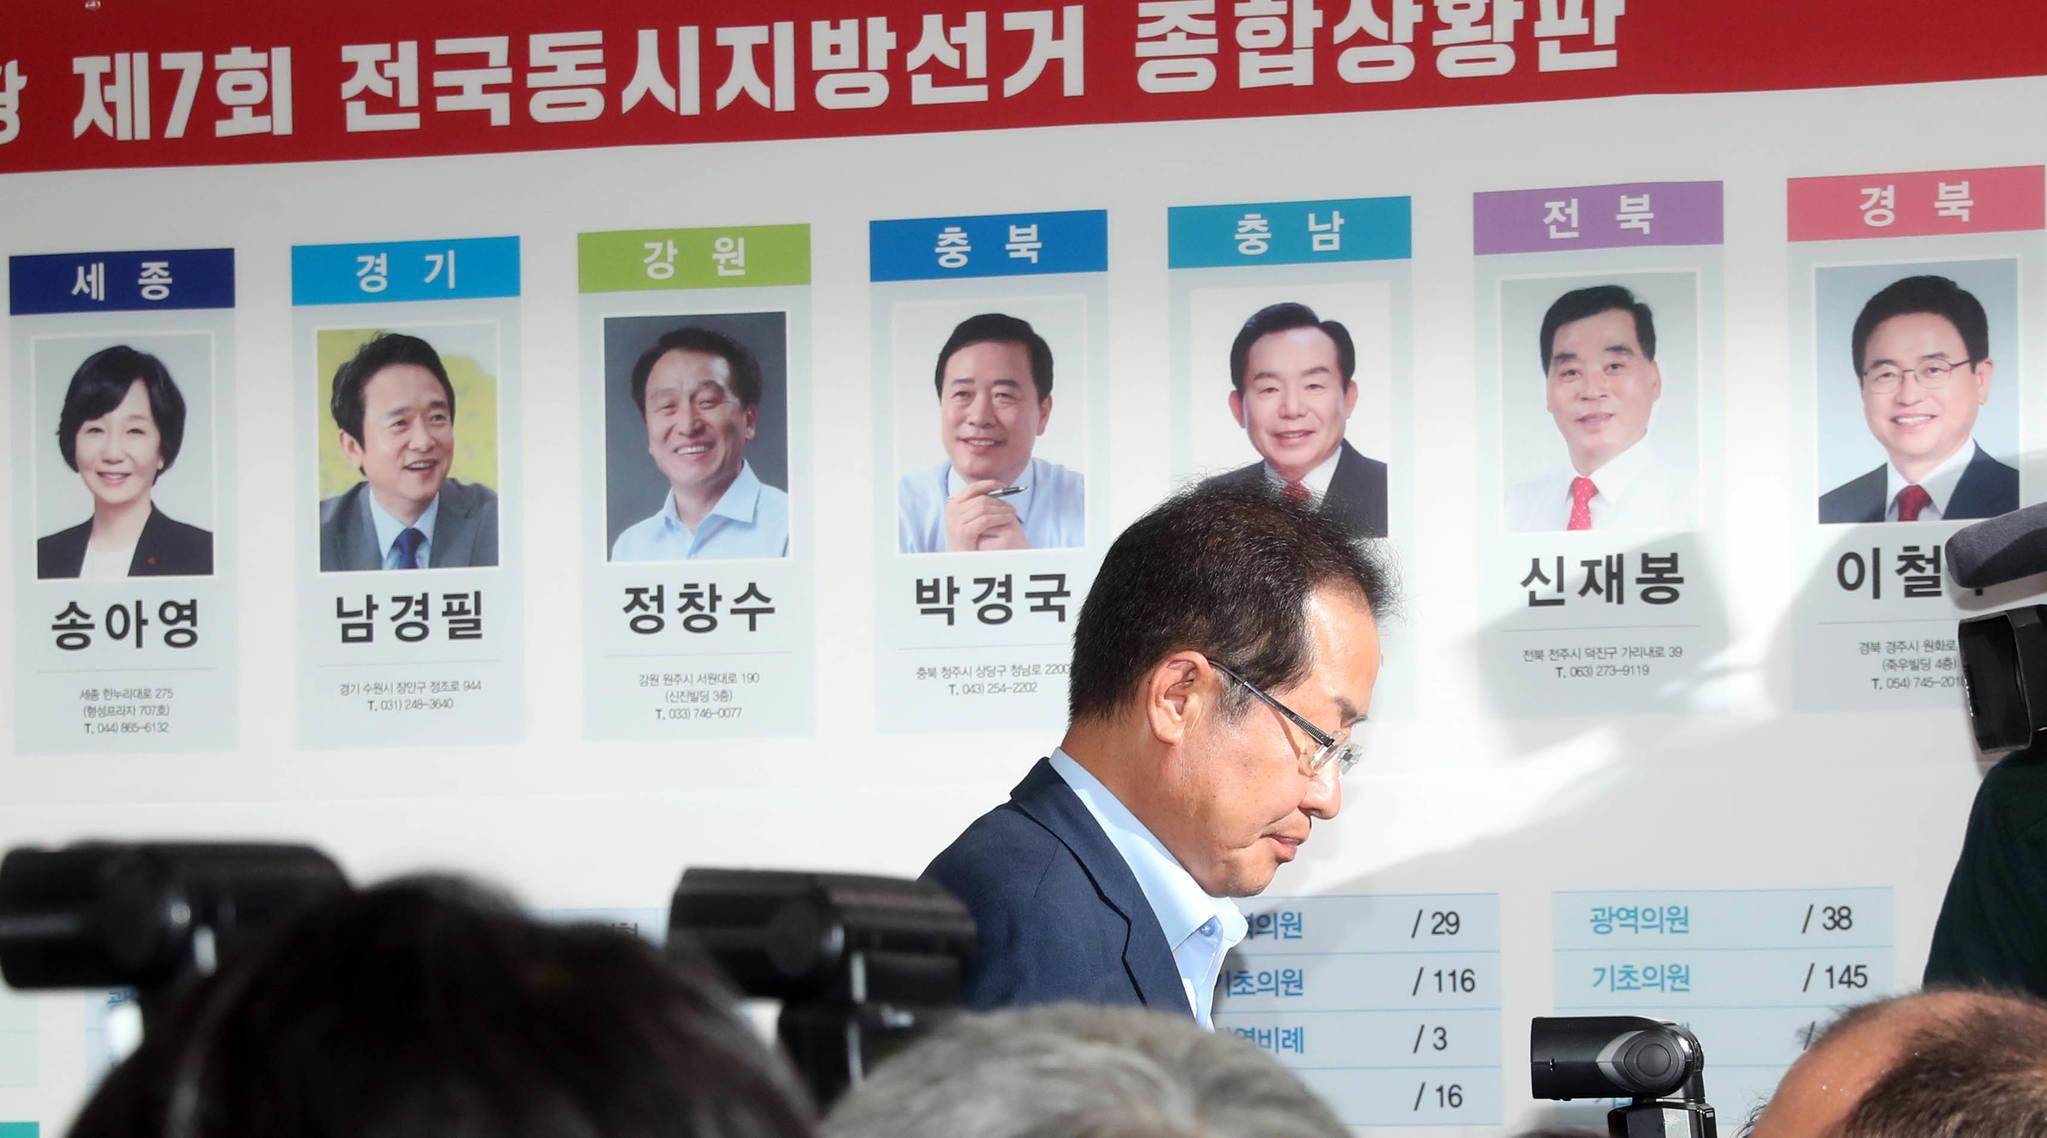 홍준표 자유한국당 대표가 당 지도부와 함께 13일 서울 여의도 당사에서 출구조사 방송을 지켜본 뒤 퇴장하고 있다. 강정현 기자